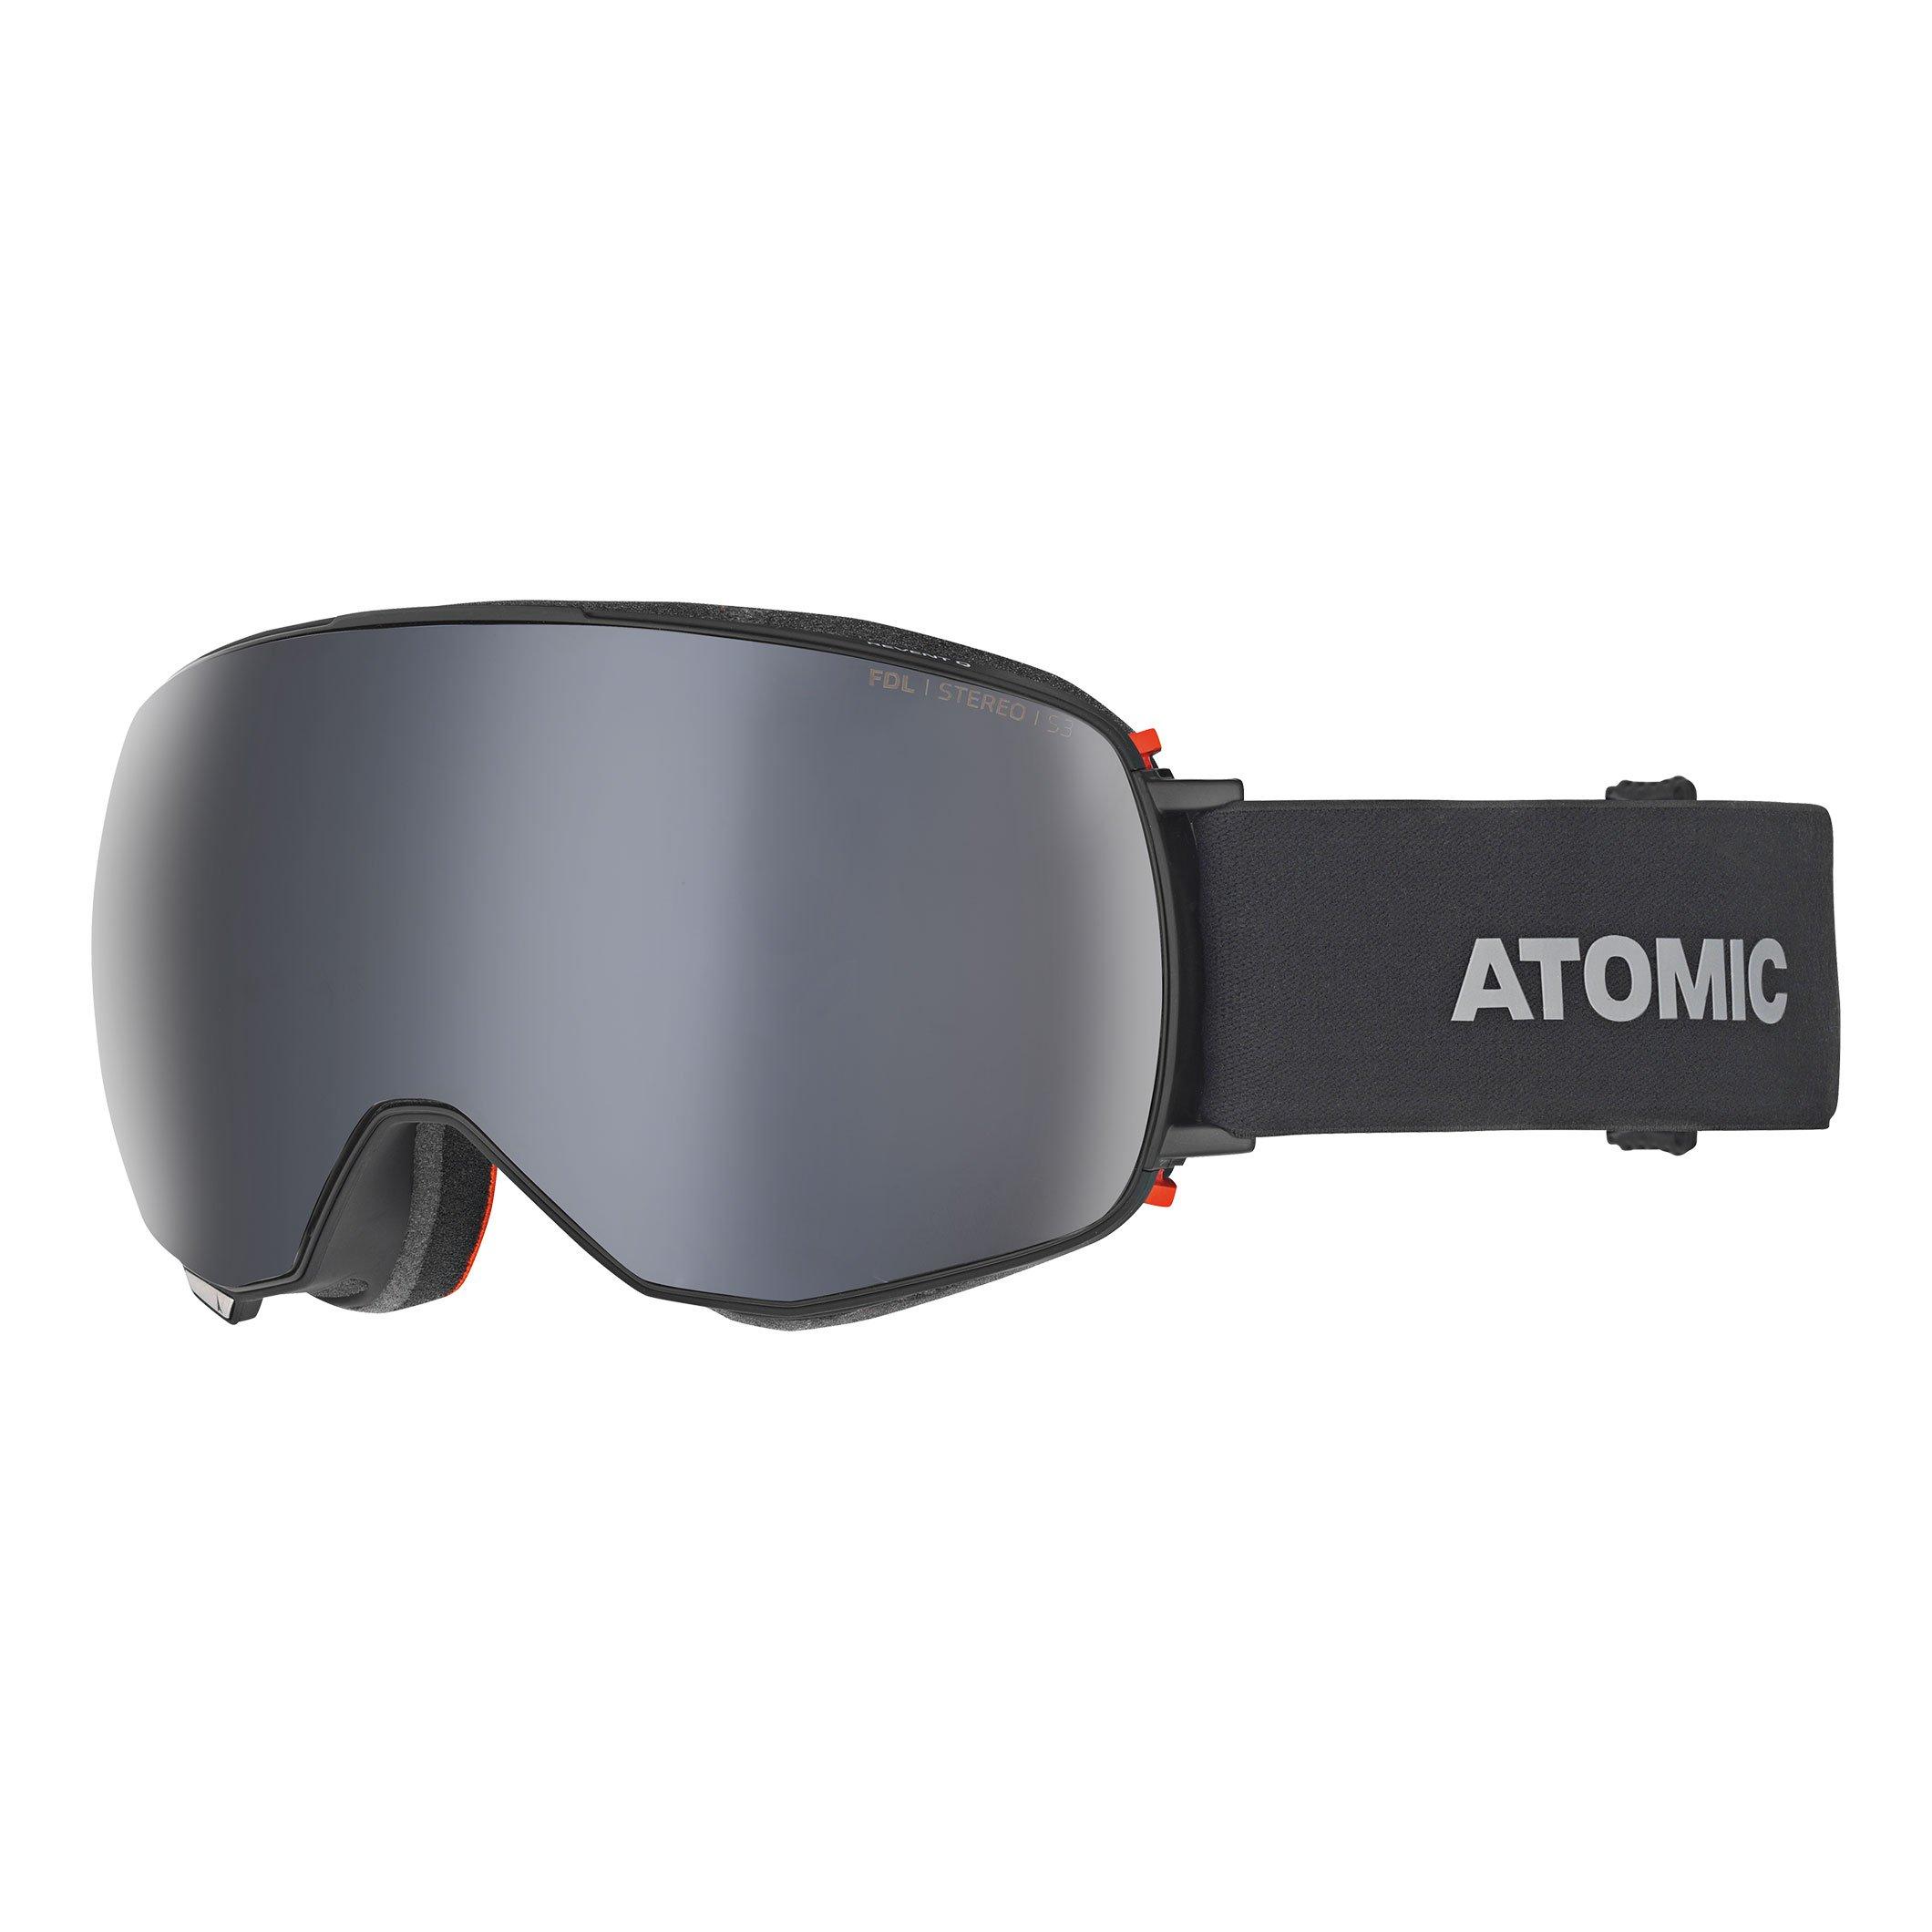 Atomic Revent Q Stereo - Black